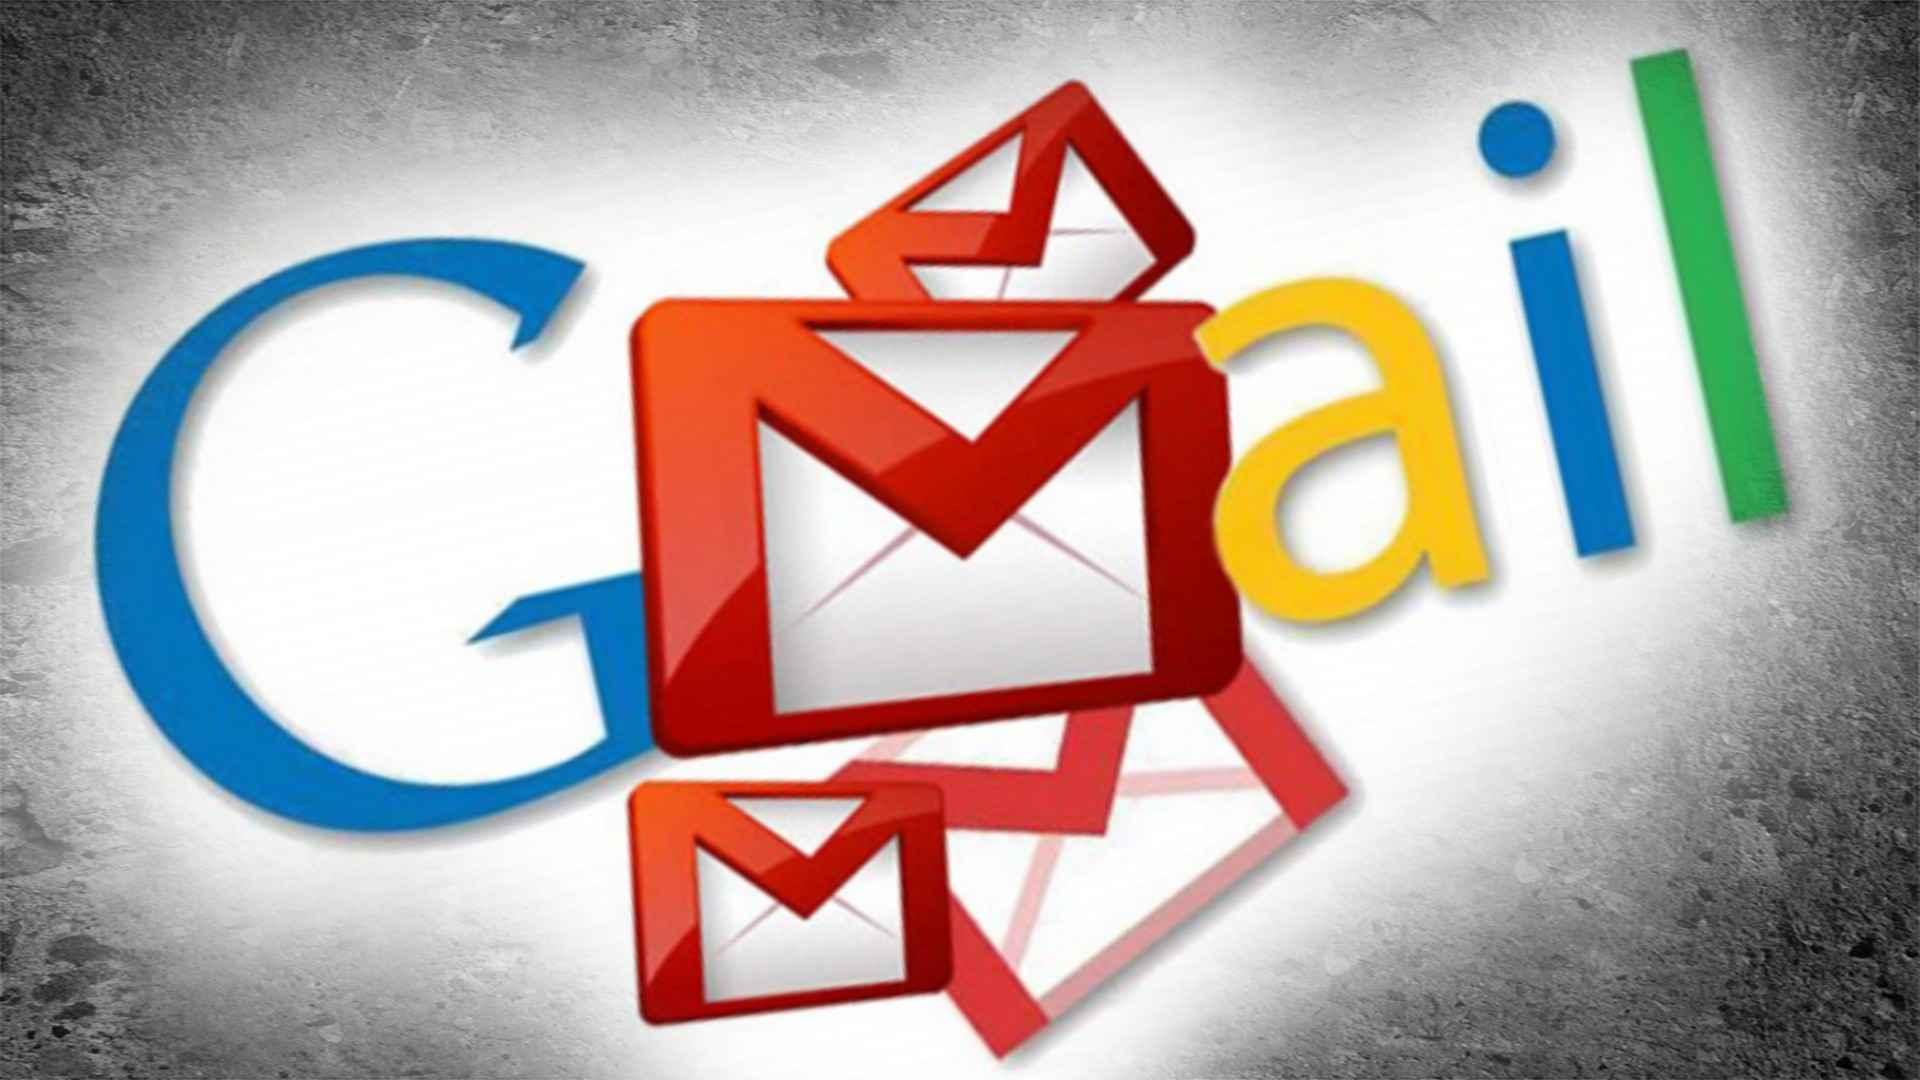 ইমেইল ও জিমেইল এর পার্থক্য। জিমেইল খোলার নিয়ম। মোবাইলে ইমেইল ব্যবহারের নিয়ম। মোবাইল থেকে ইমেইল পাঠানোর নিয়ম ২০২০ || মোবাইলে Gmail ব্যবহারের নিয়ম।